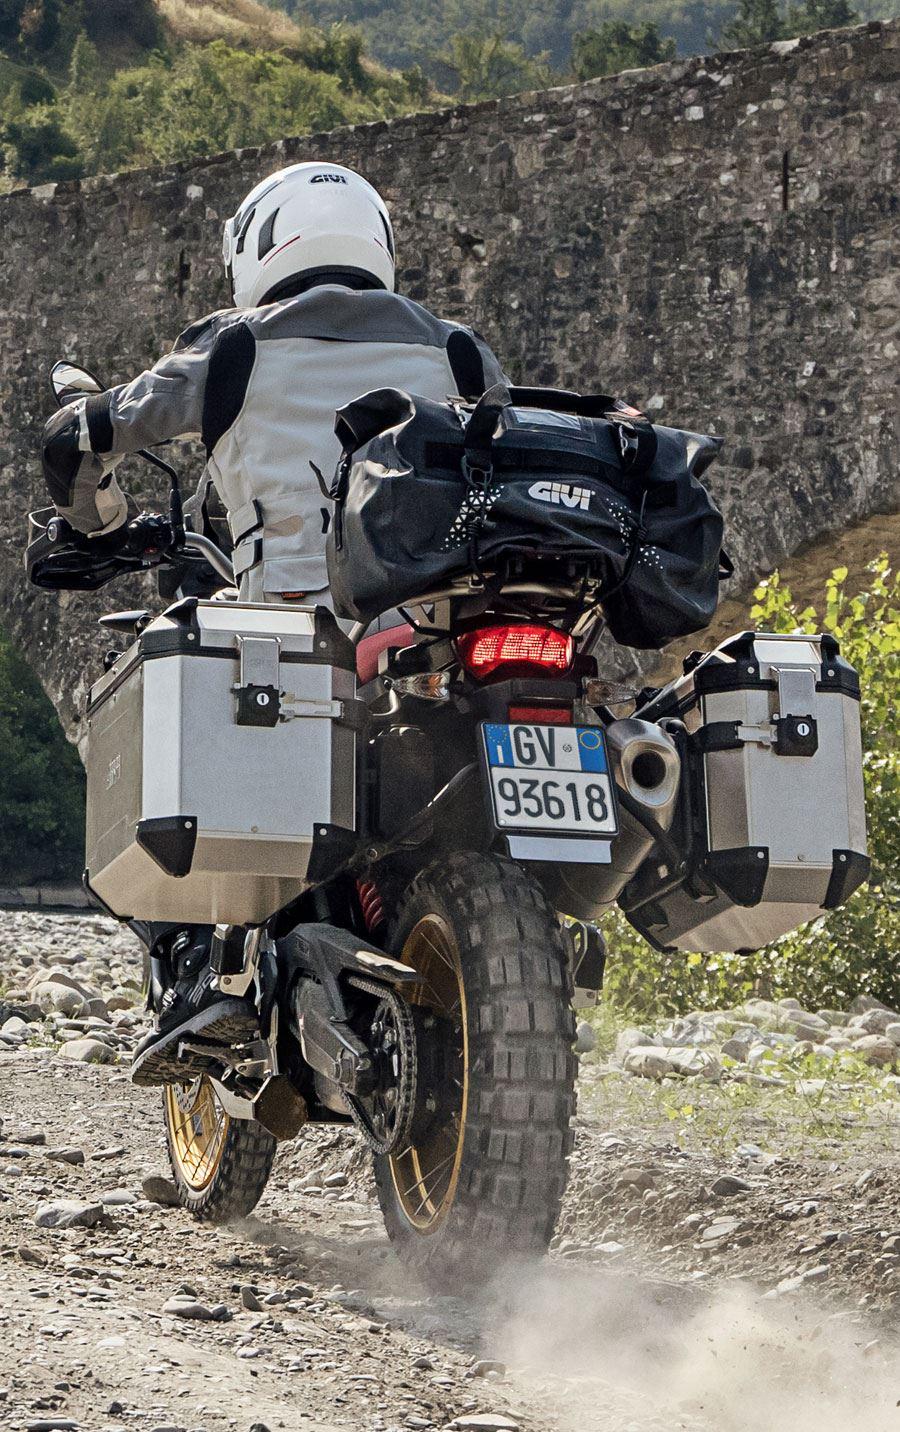 Givi sac Cargo